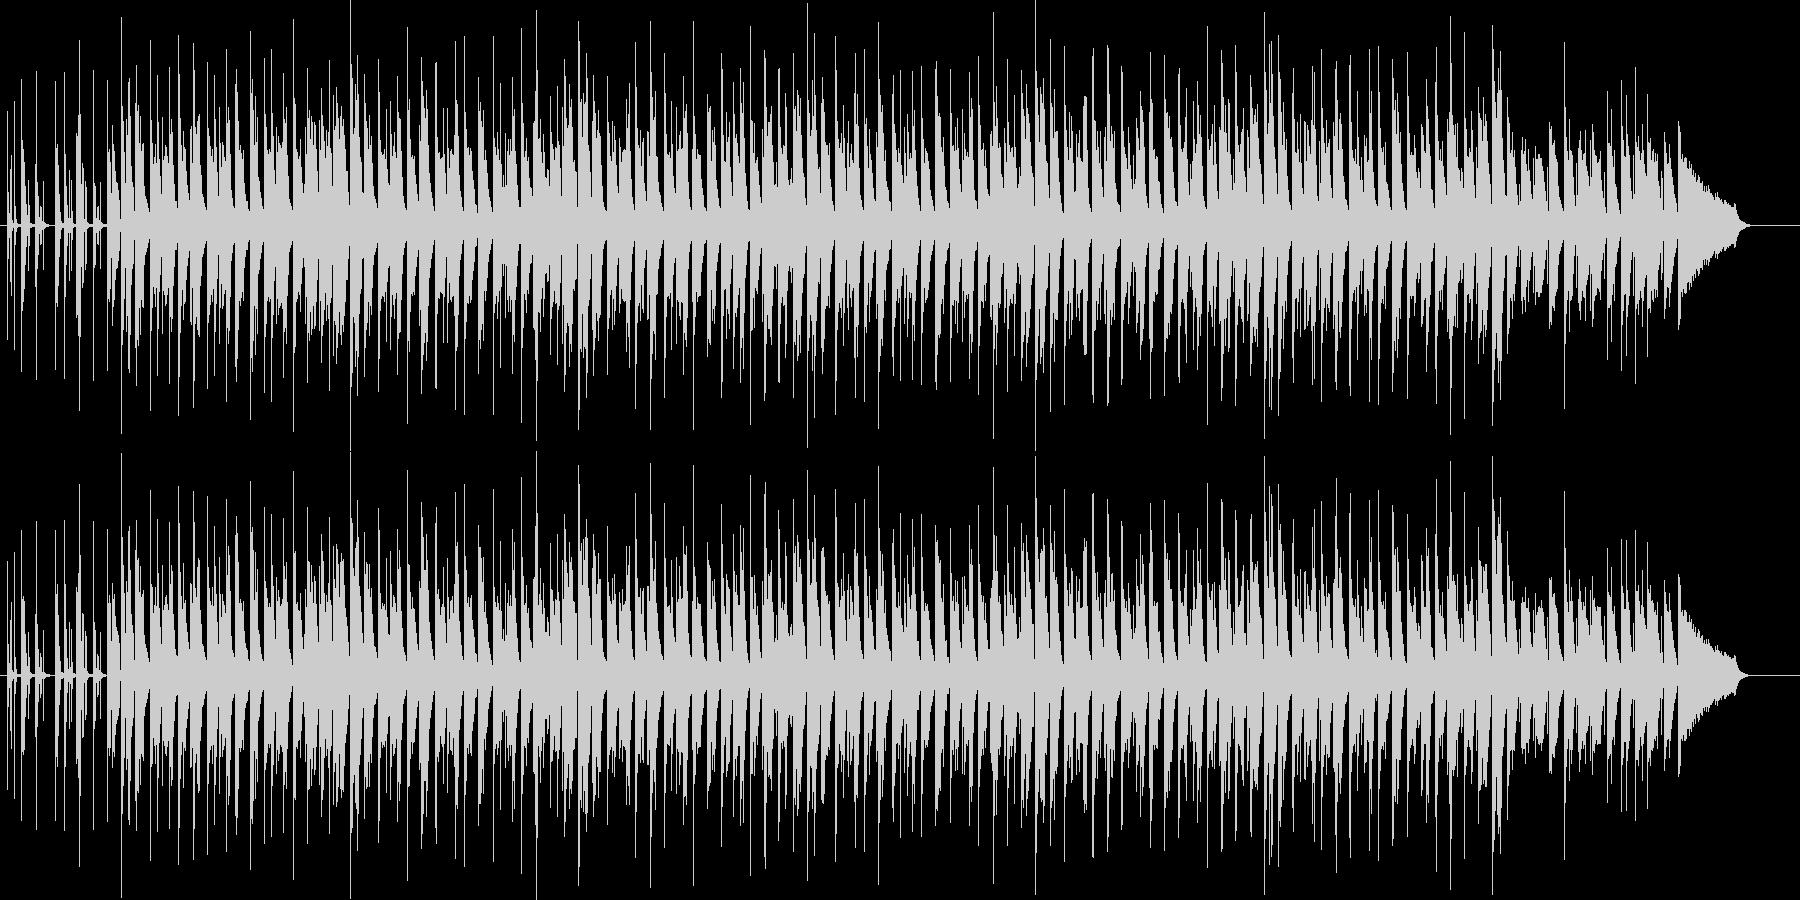 ほのぼのしたヒップホップの未再生の波形